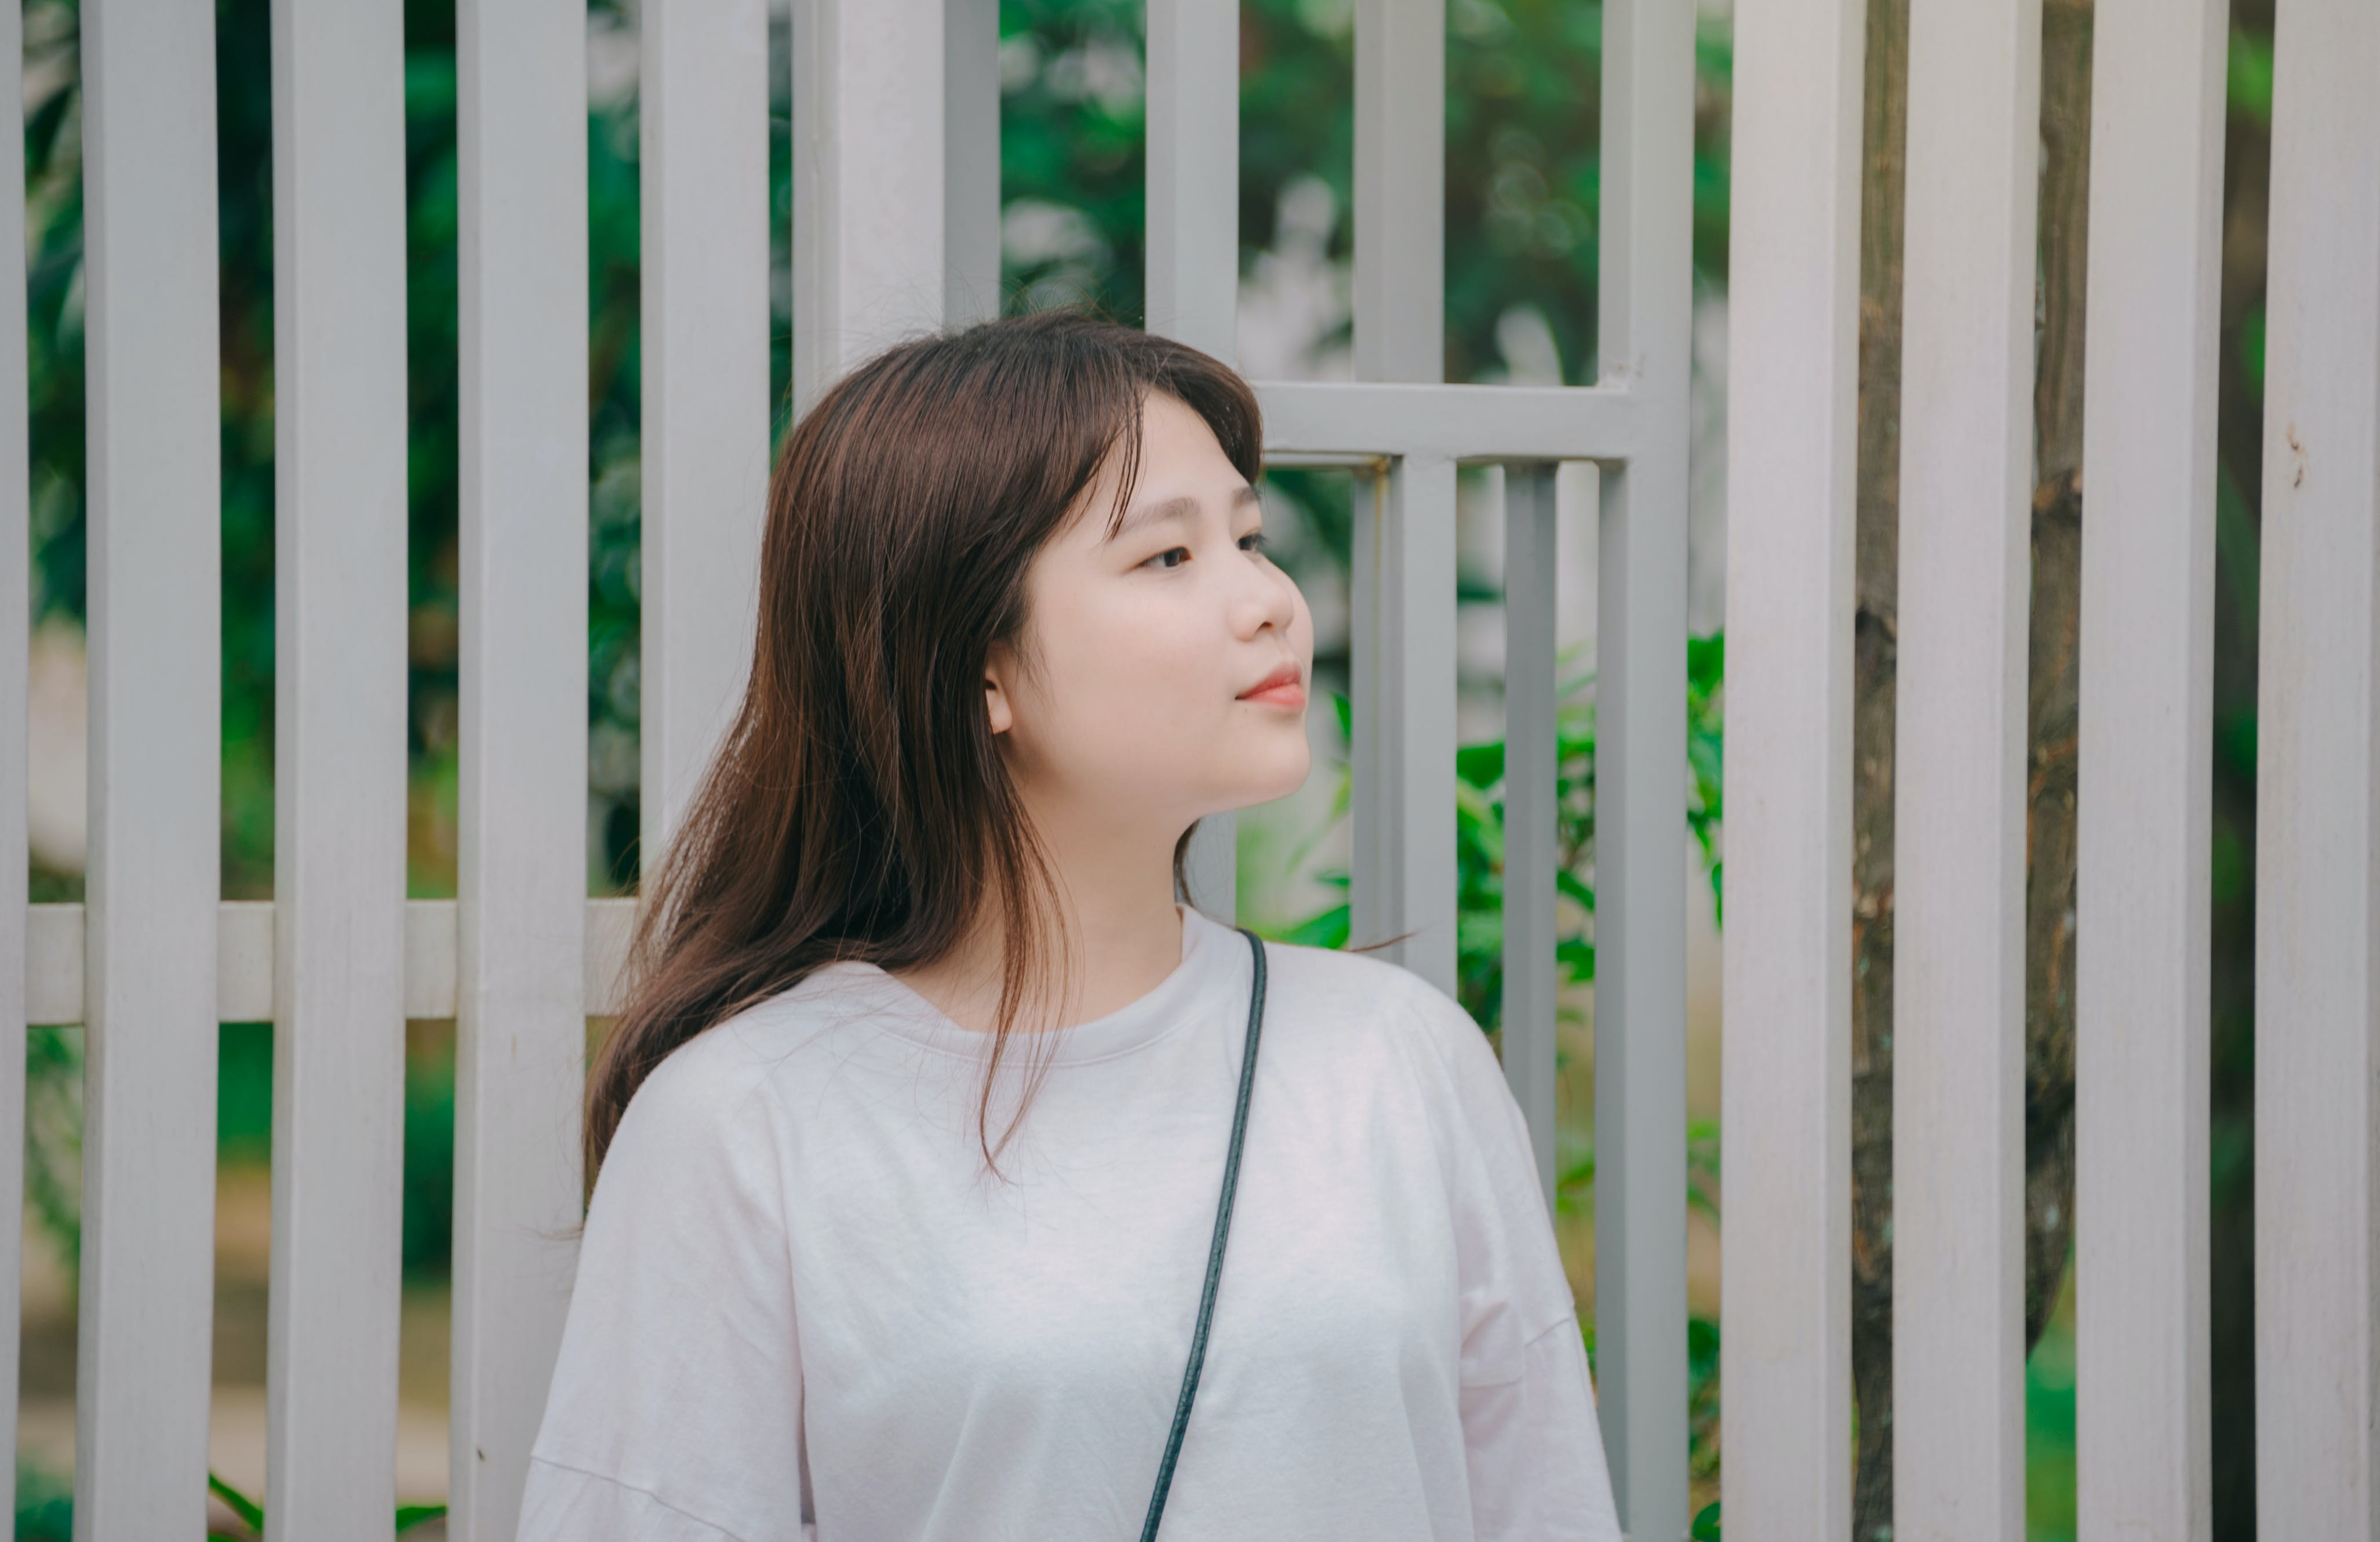 Δωρεάν στοκ φωτογραφιών με ασιατικό κορίτσι, ασιάτισσα, γυναίκα, ελαφρύς